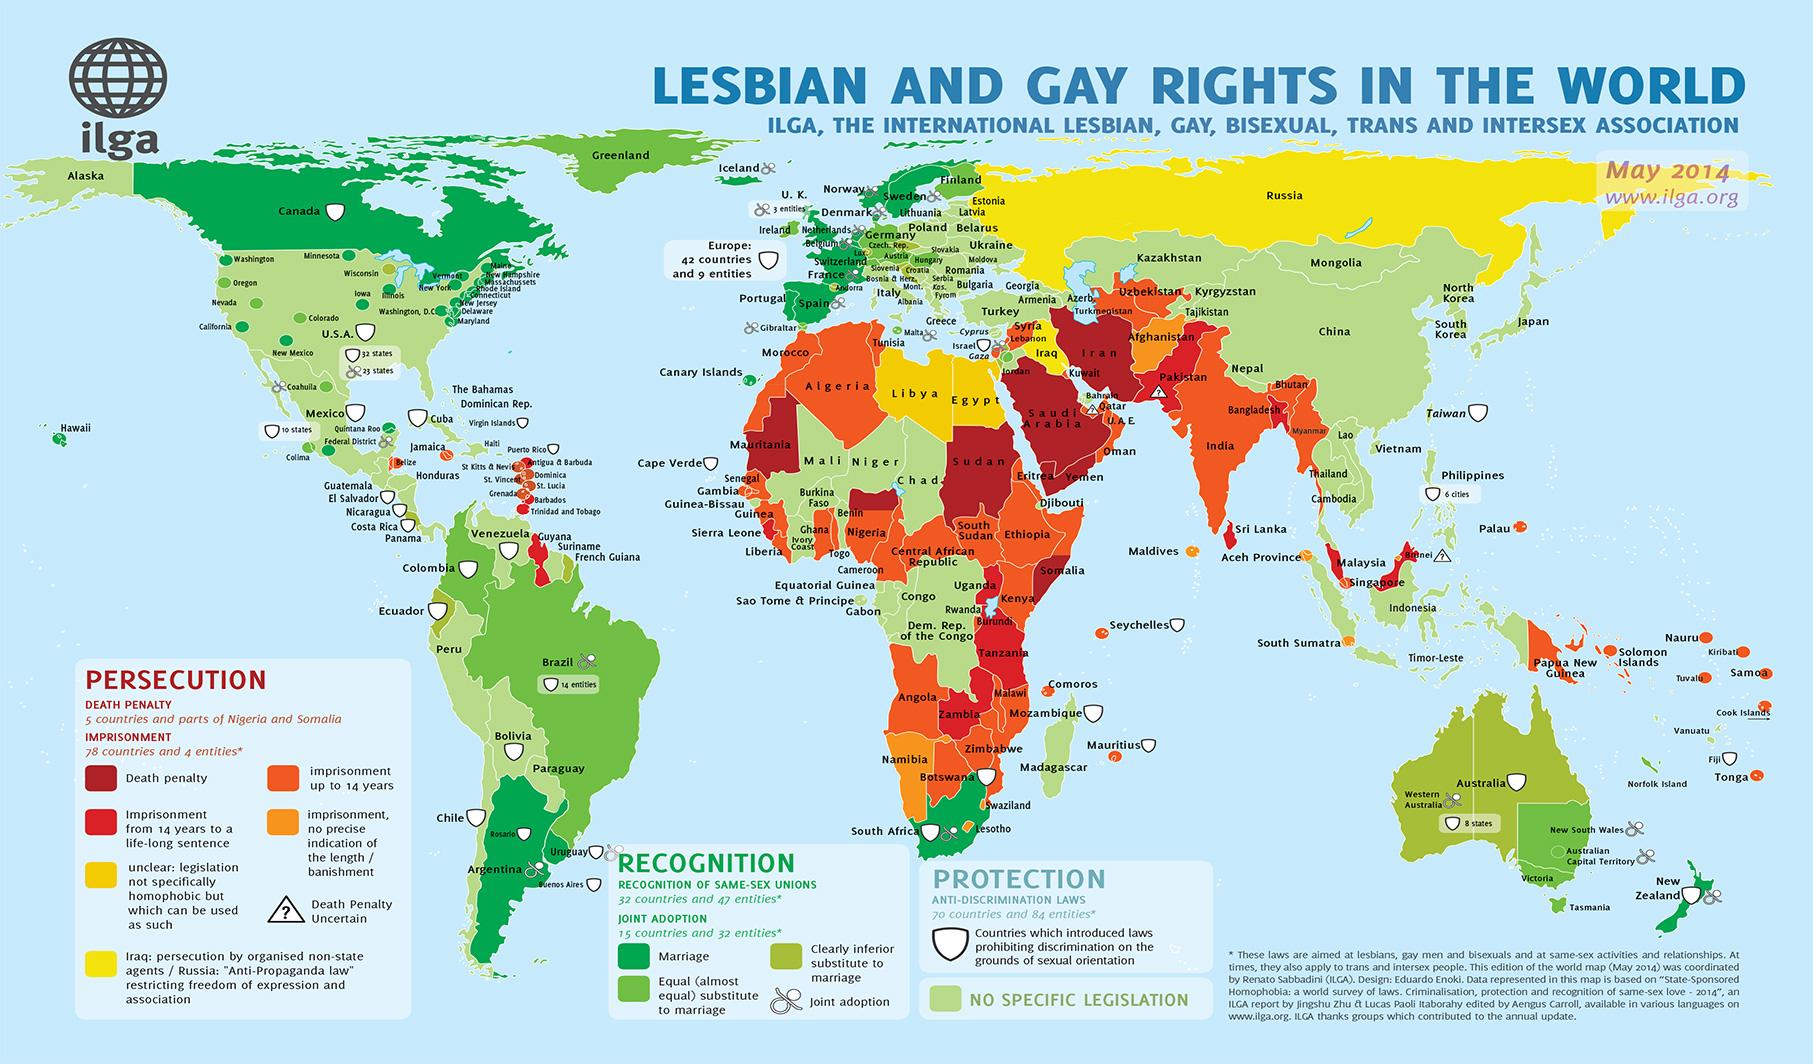 Os 20 Paises Mais Homofobicos Do Mundo